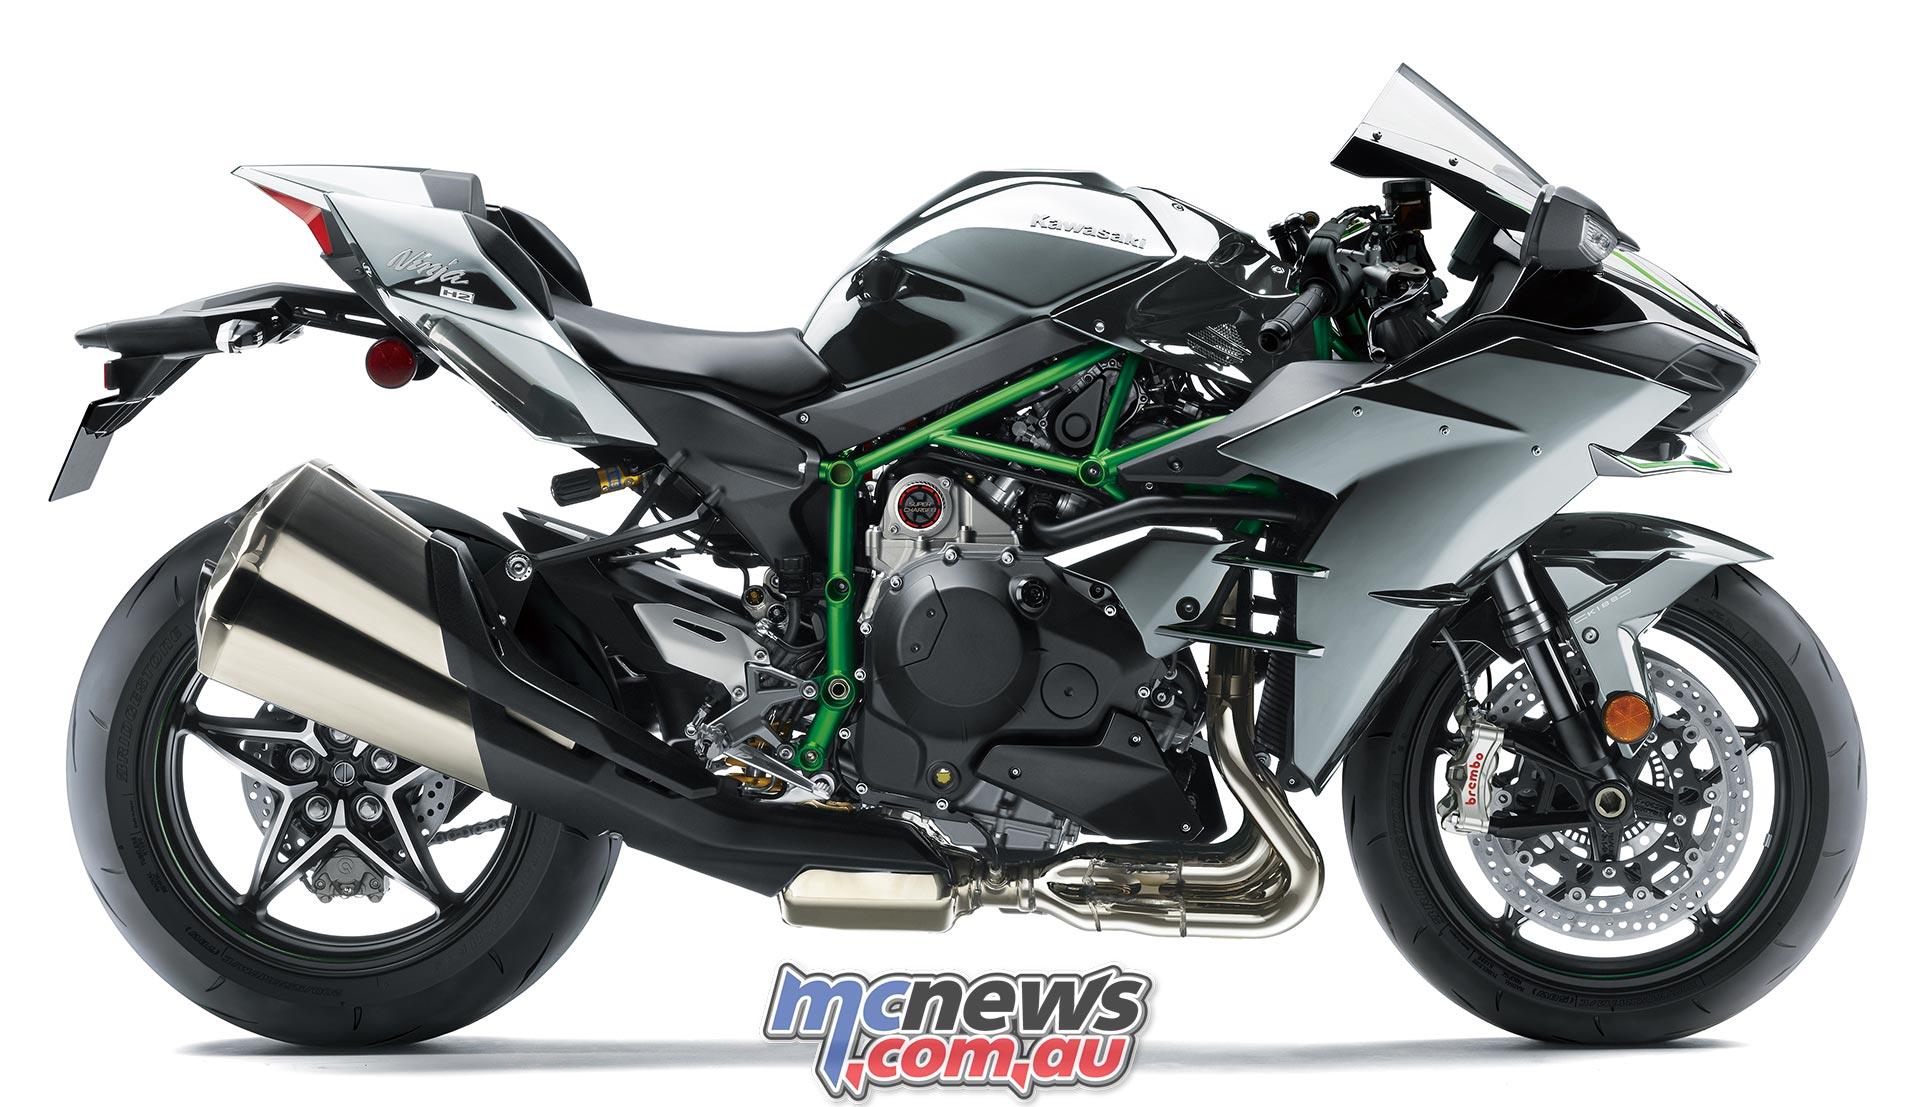 Kawasaki H2 Motorcycle News